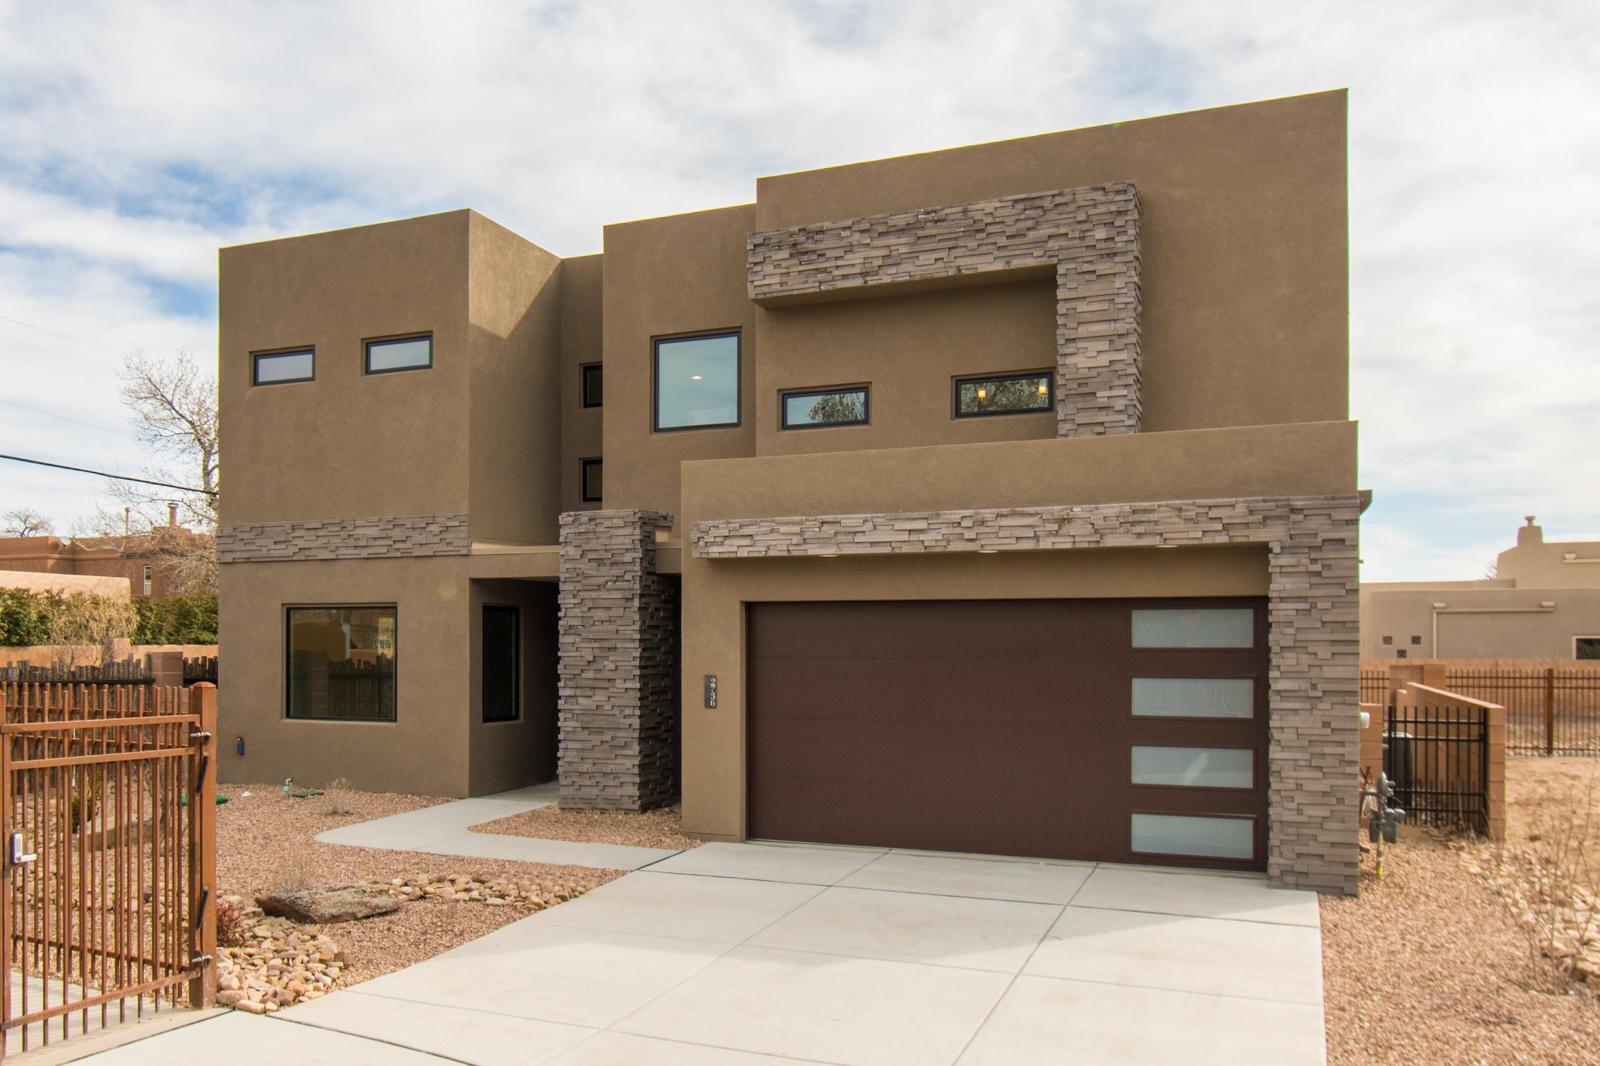 2712 PUERTA DEL BOSQUE Lane NW, Albuquerque, NM 87104 - Albuquerque, NM real estate listing